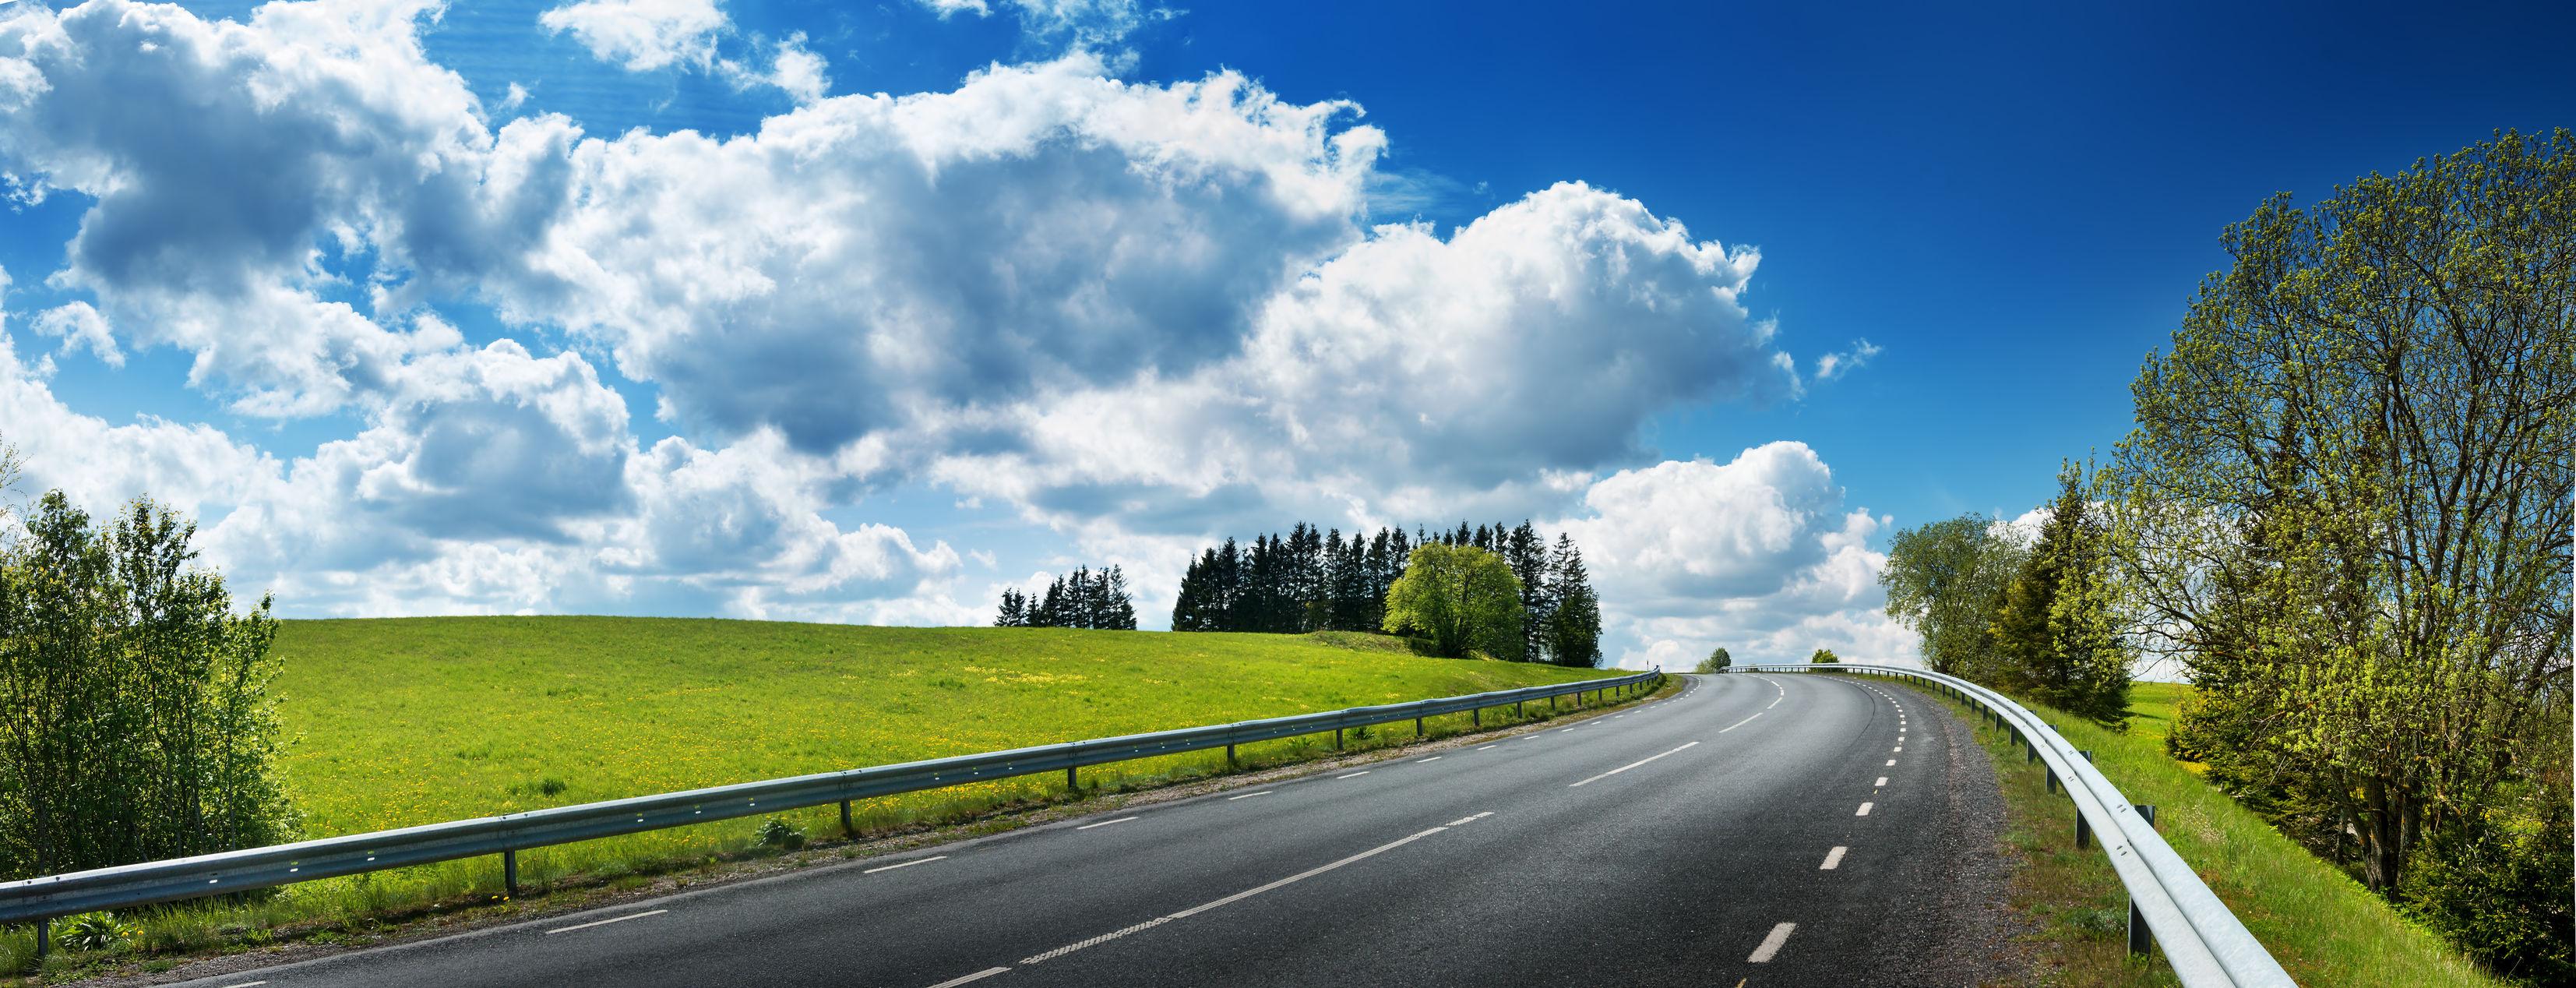 Beregn dit kørselsfradrag – hvor langt skal du køre?